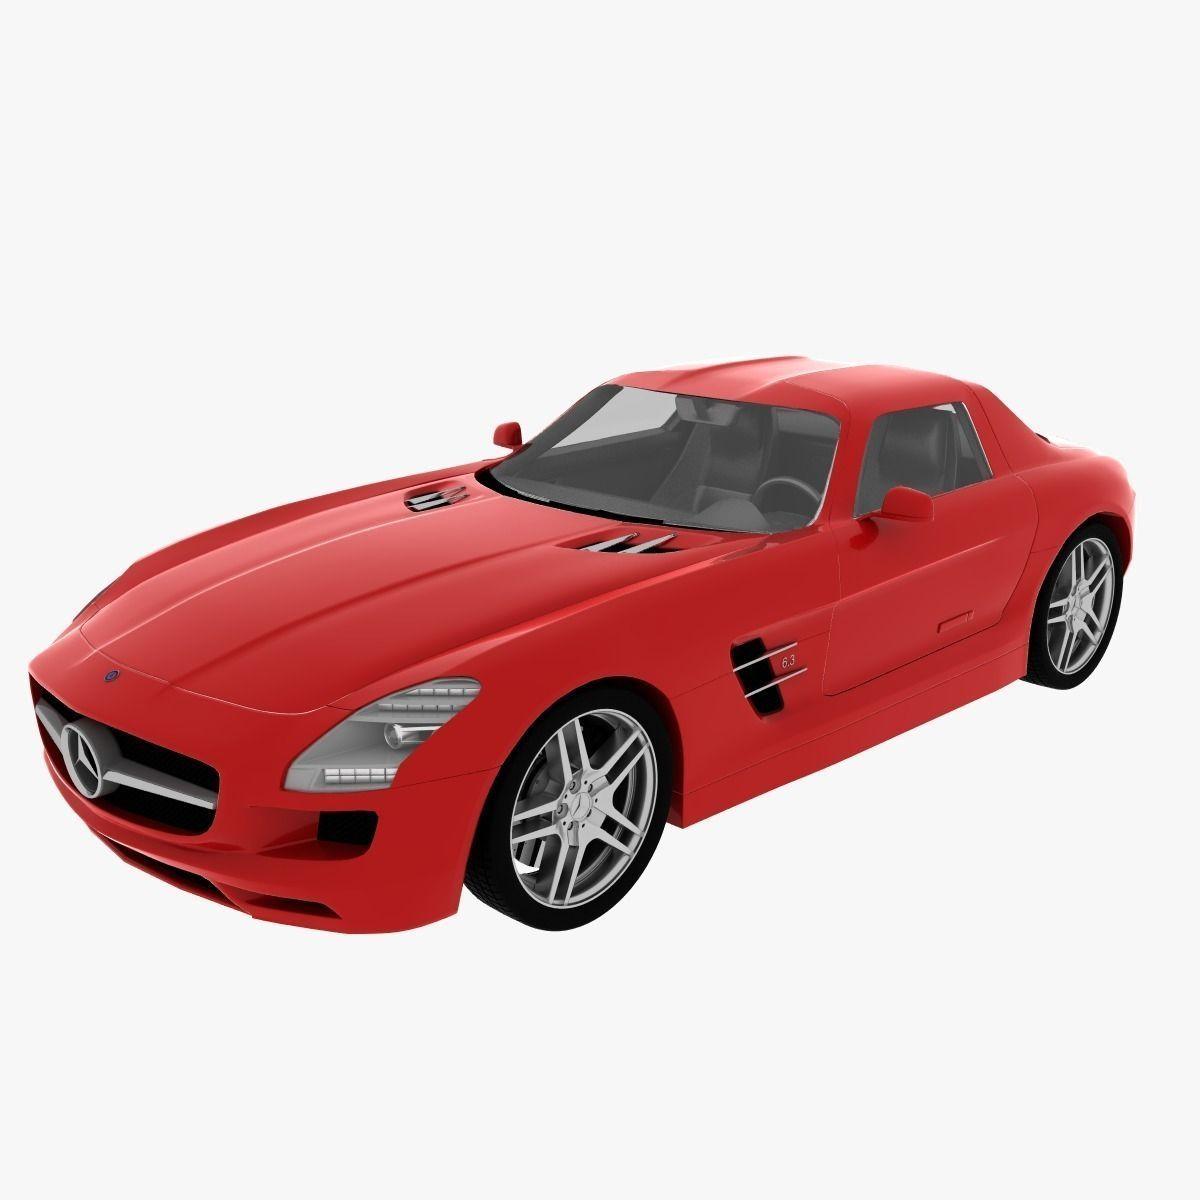 Mercedes benz sls amg 3d model max obj 3ds fbx dae for Mercedes benz sls amg toy car